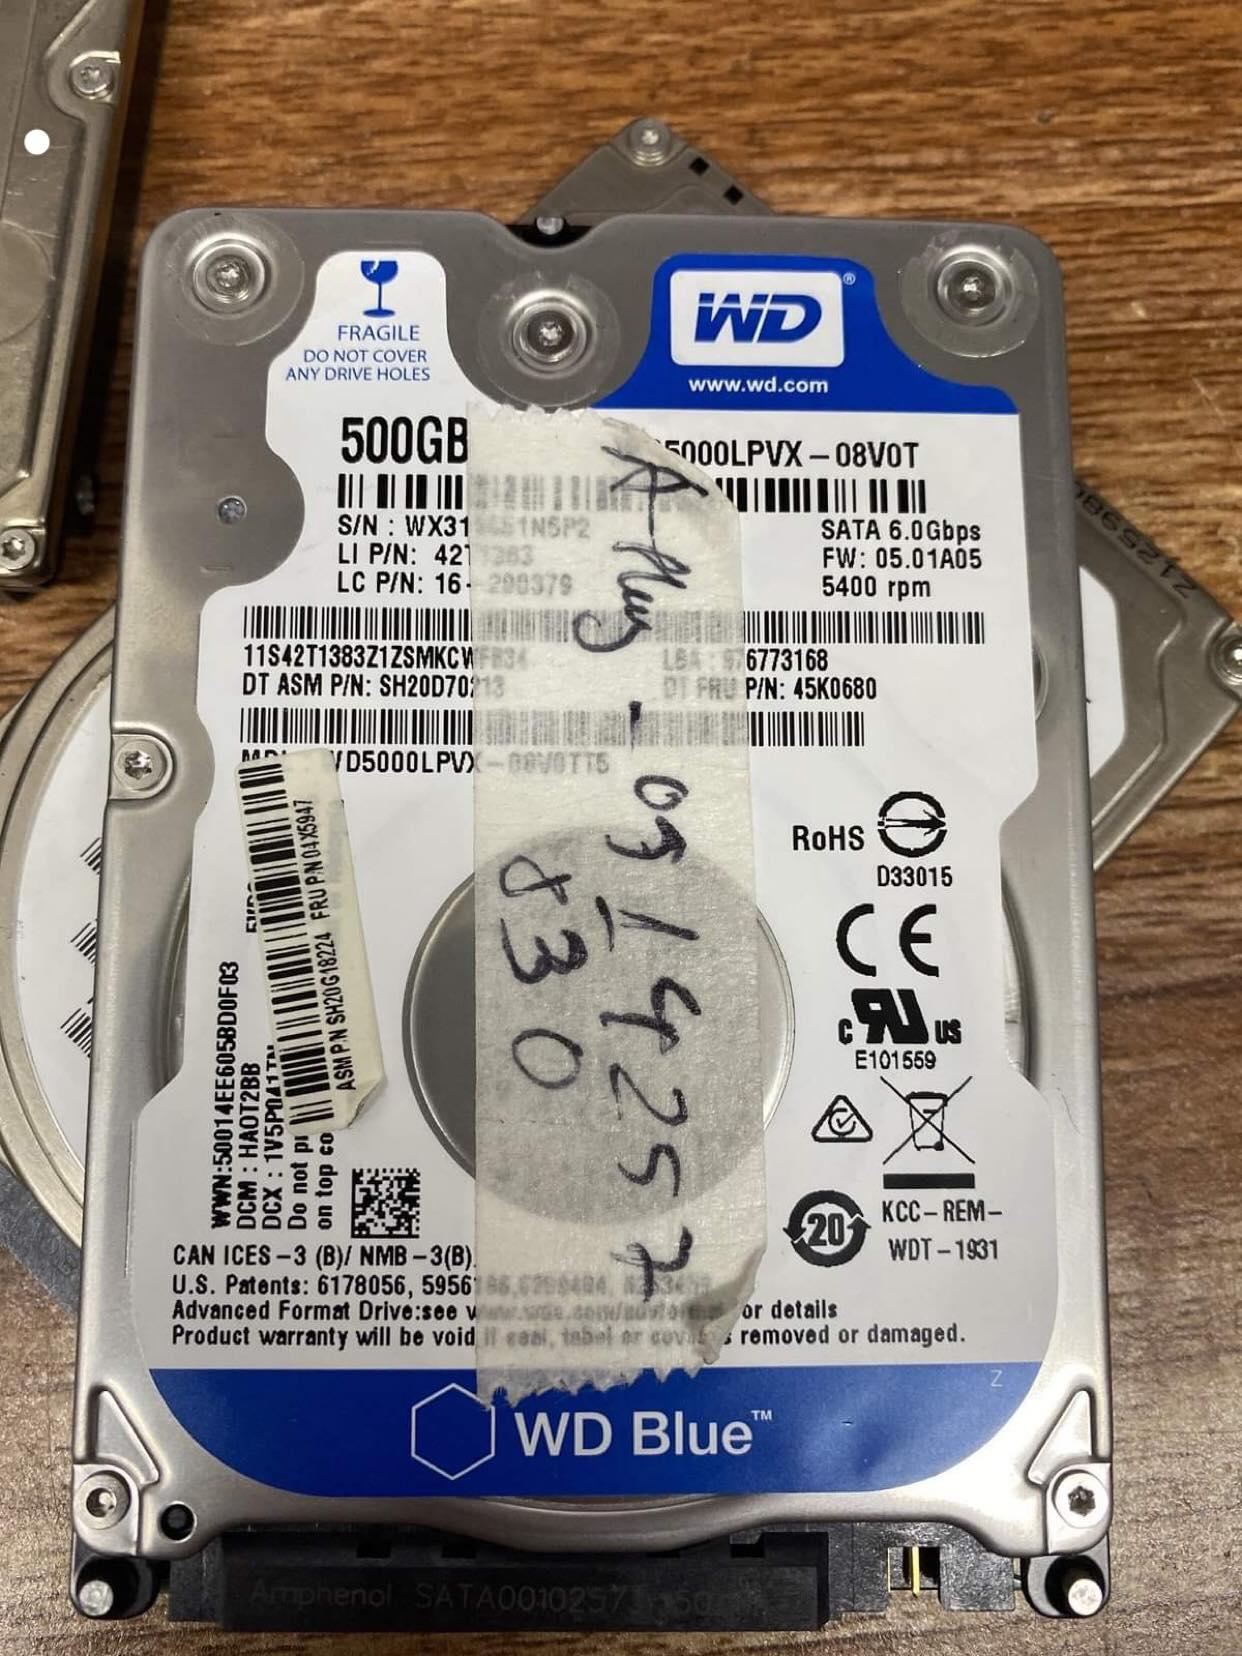 Cứu dữ liệu ổ cứng Western 500GB lỗi đầu đọc 09/01/2020 - cuumaytinh